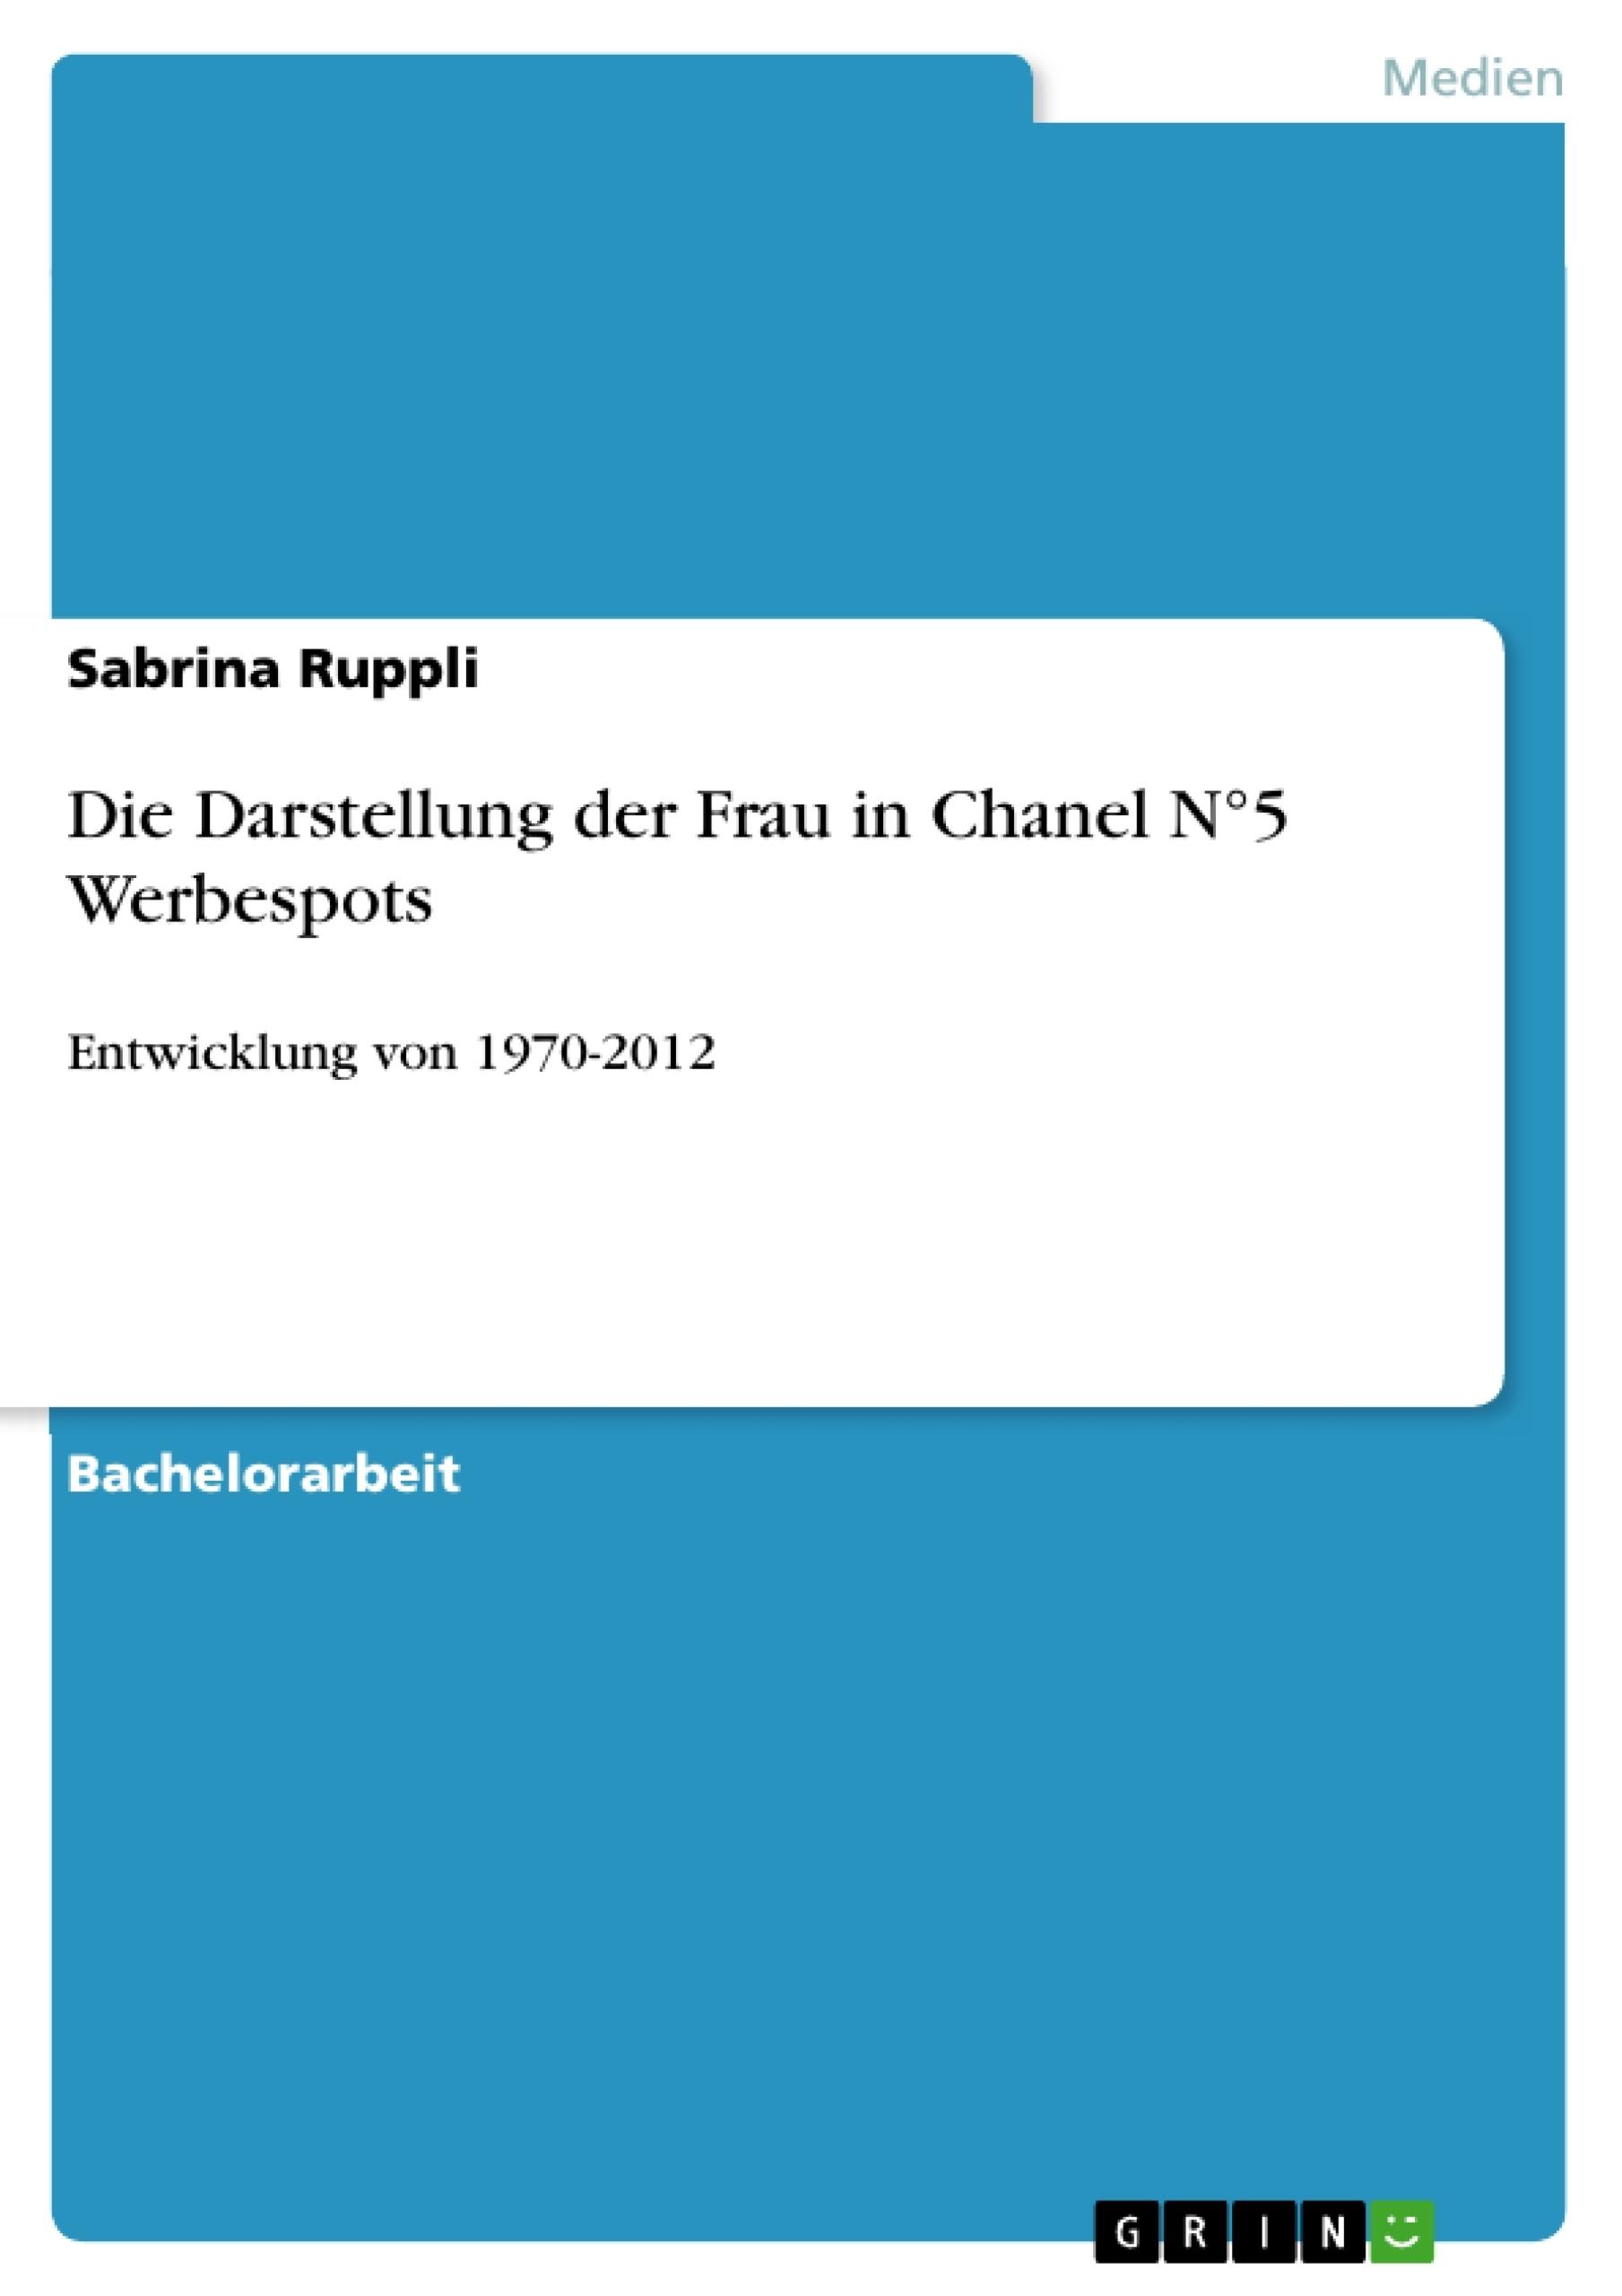 Titel: Die Darstellung der Frau in Chanel N°5 Werbespots